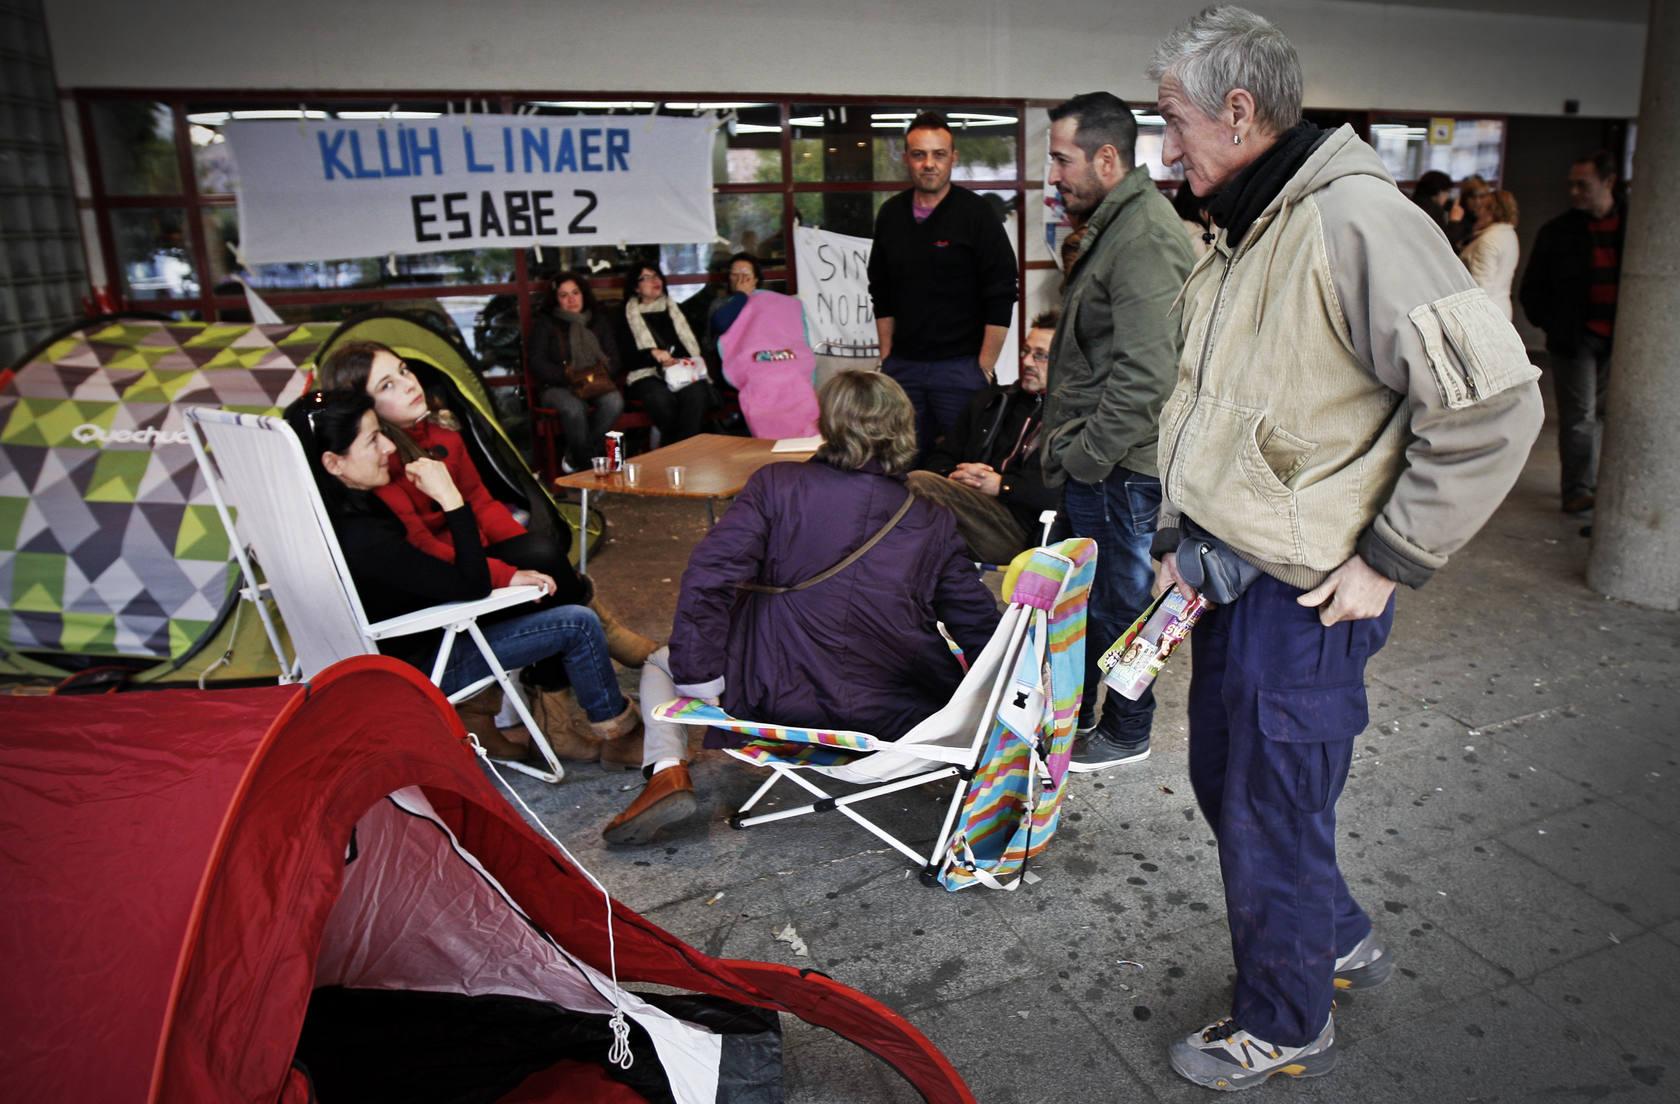 Continúa la huelga de limpieza en el Hospital General de Alicante